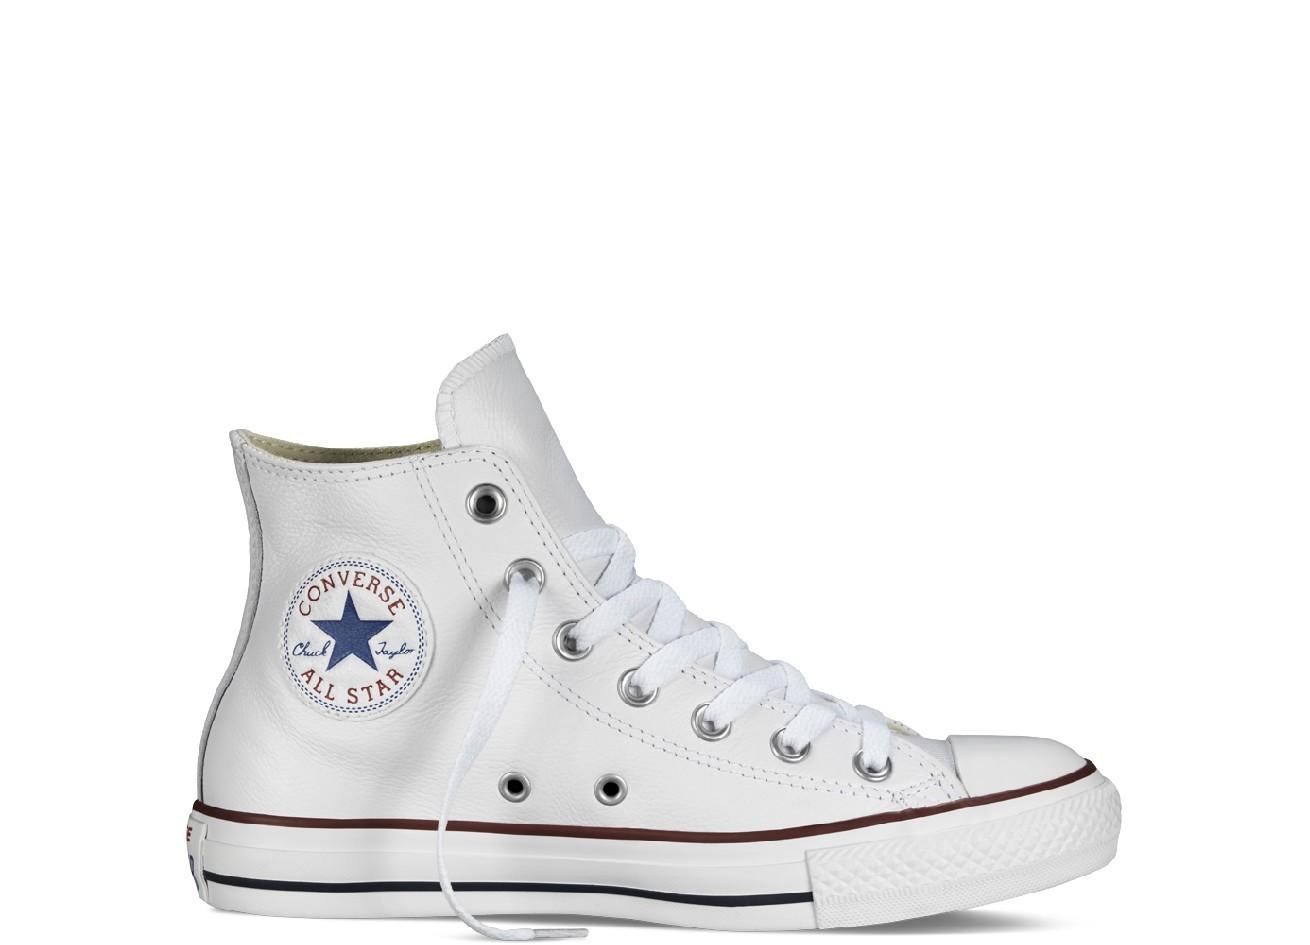 converse all star blanche montante